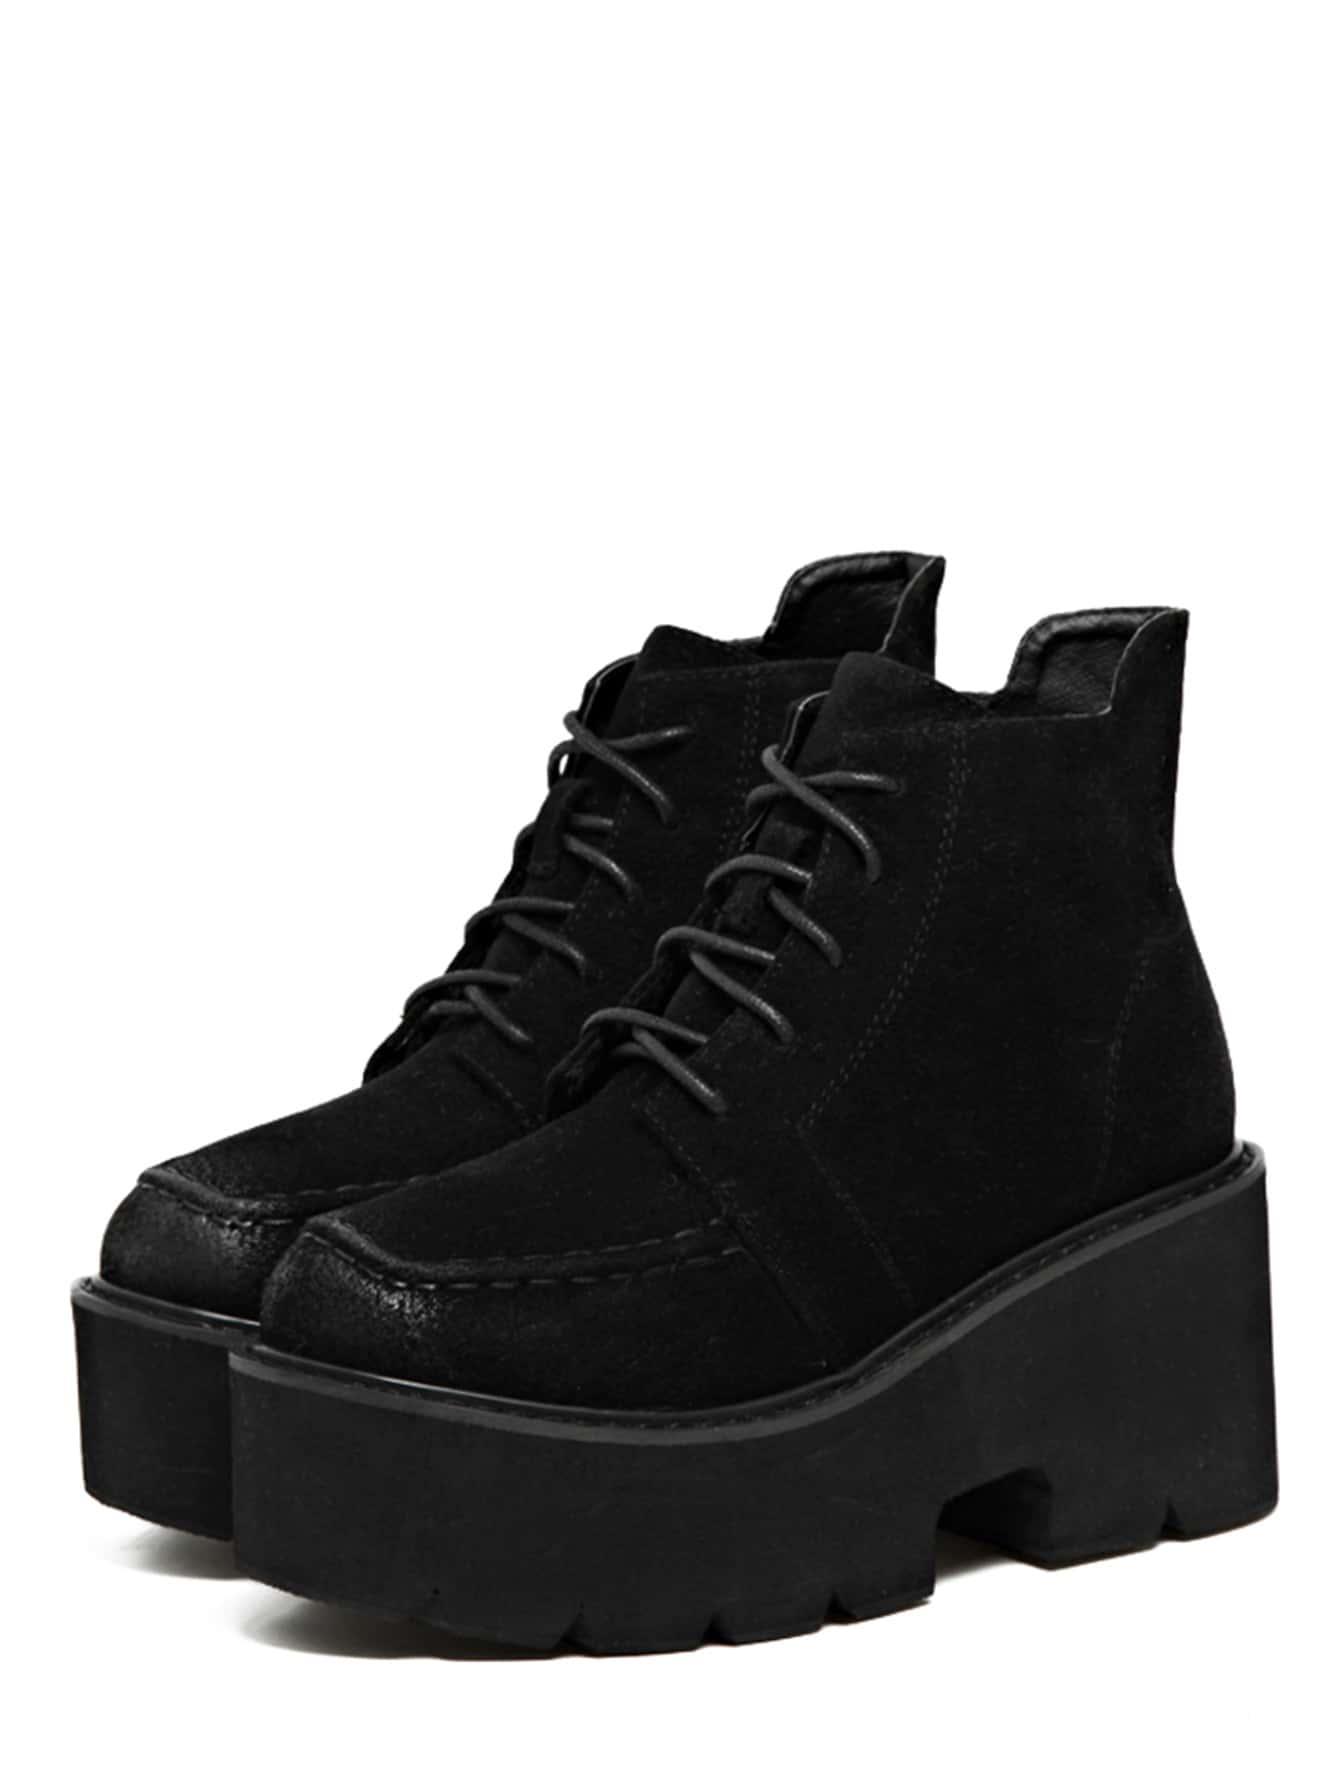 shoes161206806_2